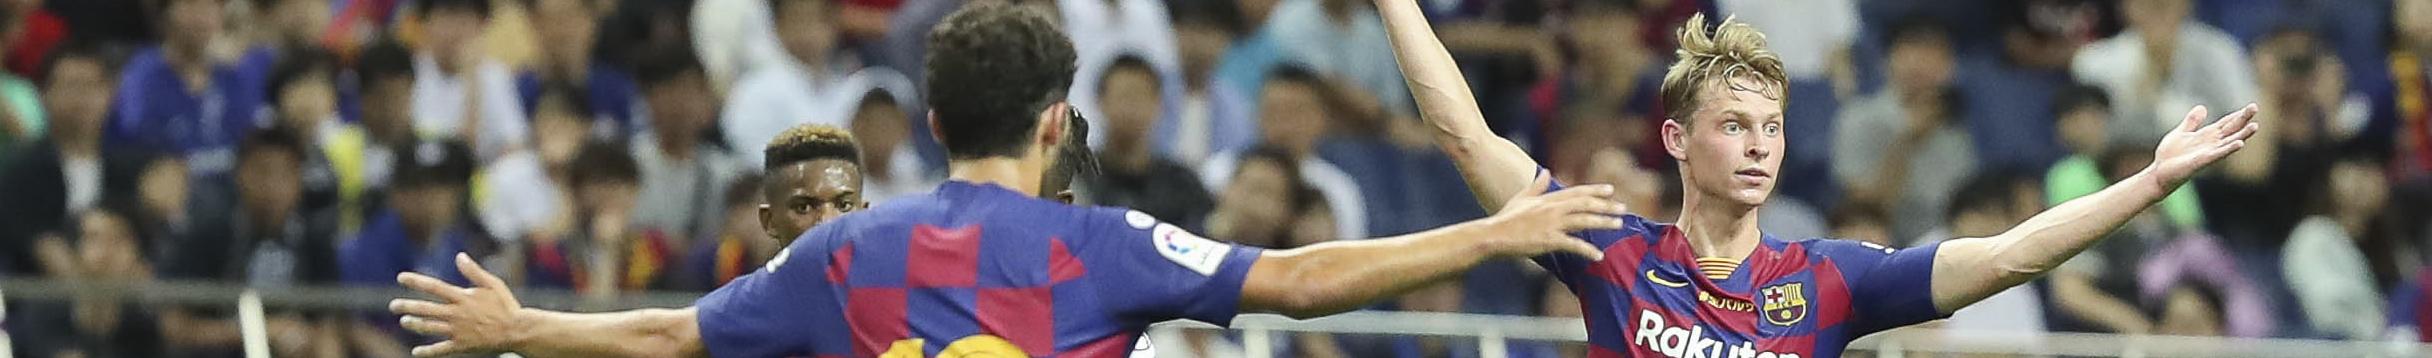 Barcellona-Arsenal, prima al Camp Nou nel Trofeo Gamper per i catalani